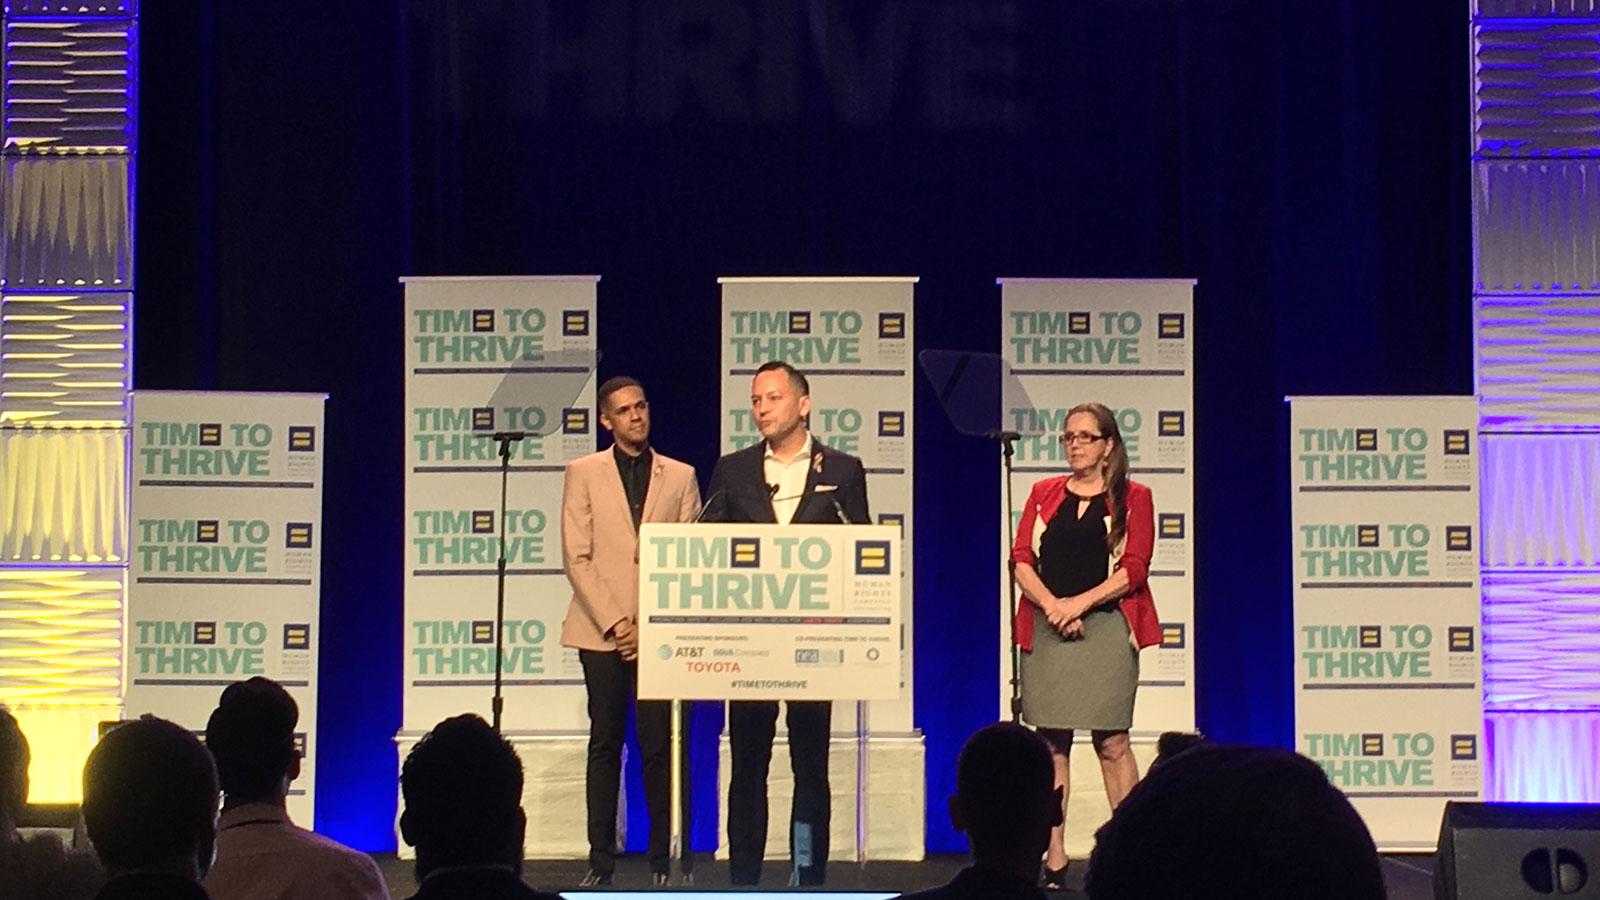 HRC honra a las víctimas de Pulse en la conferencia Time to THRIVE 2018